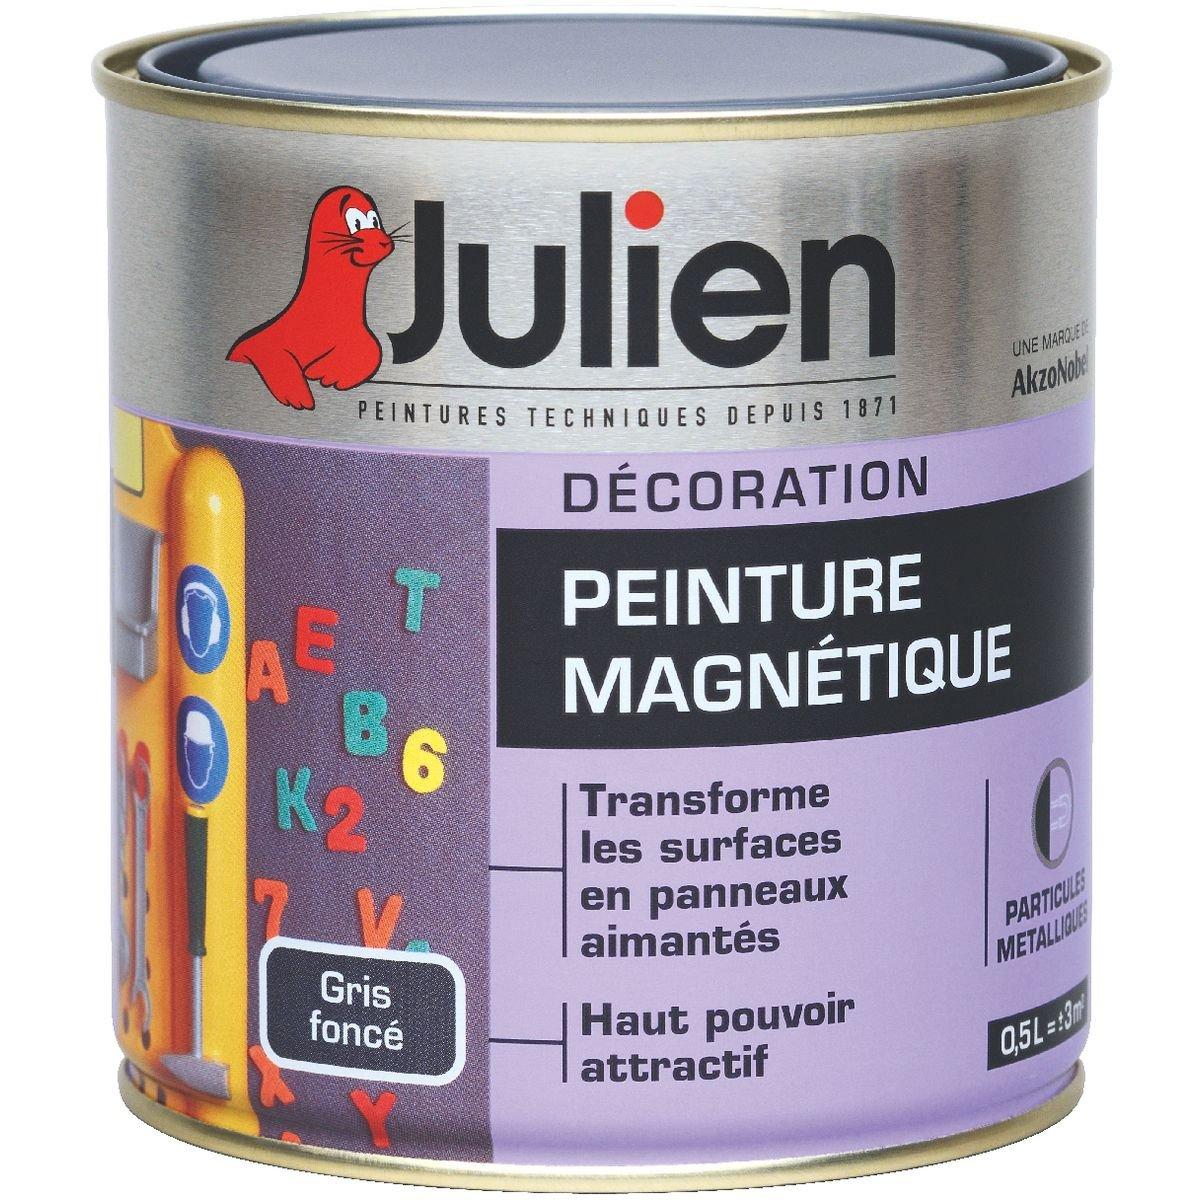 peinture magnetique julien